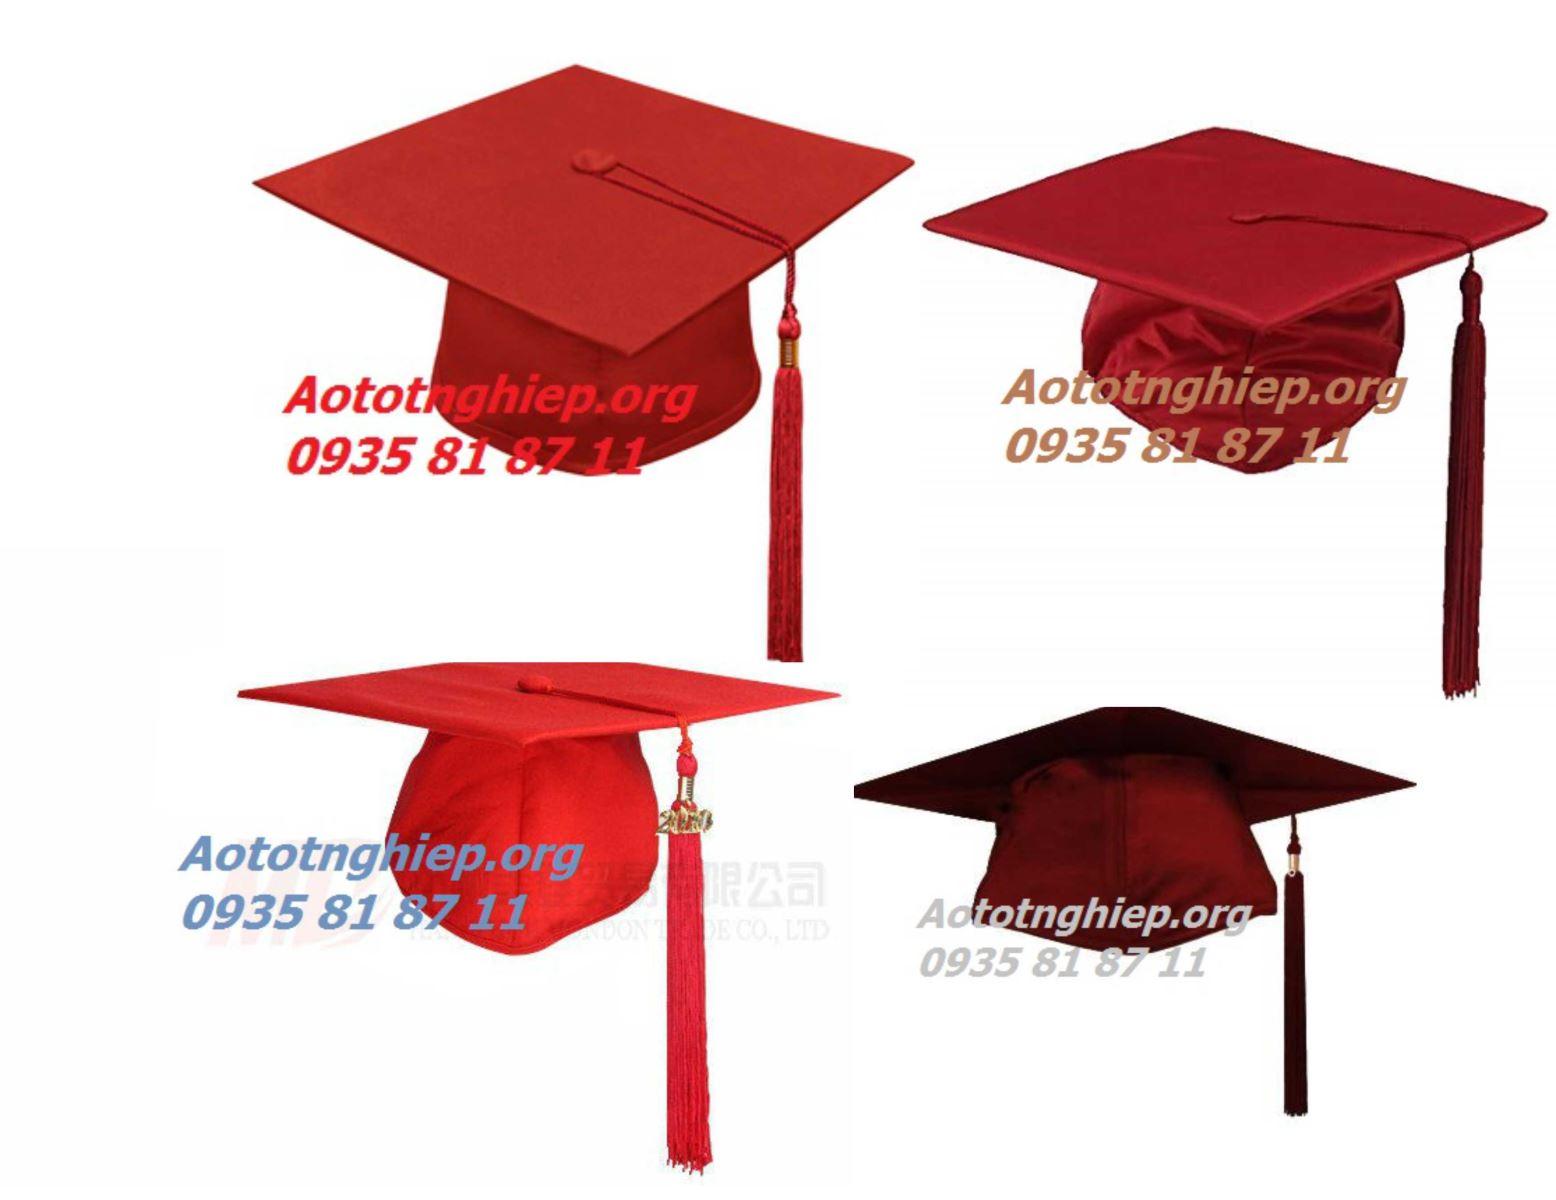 Thuê nón tốt nghiệp